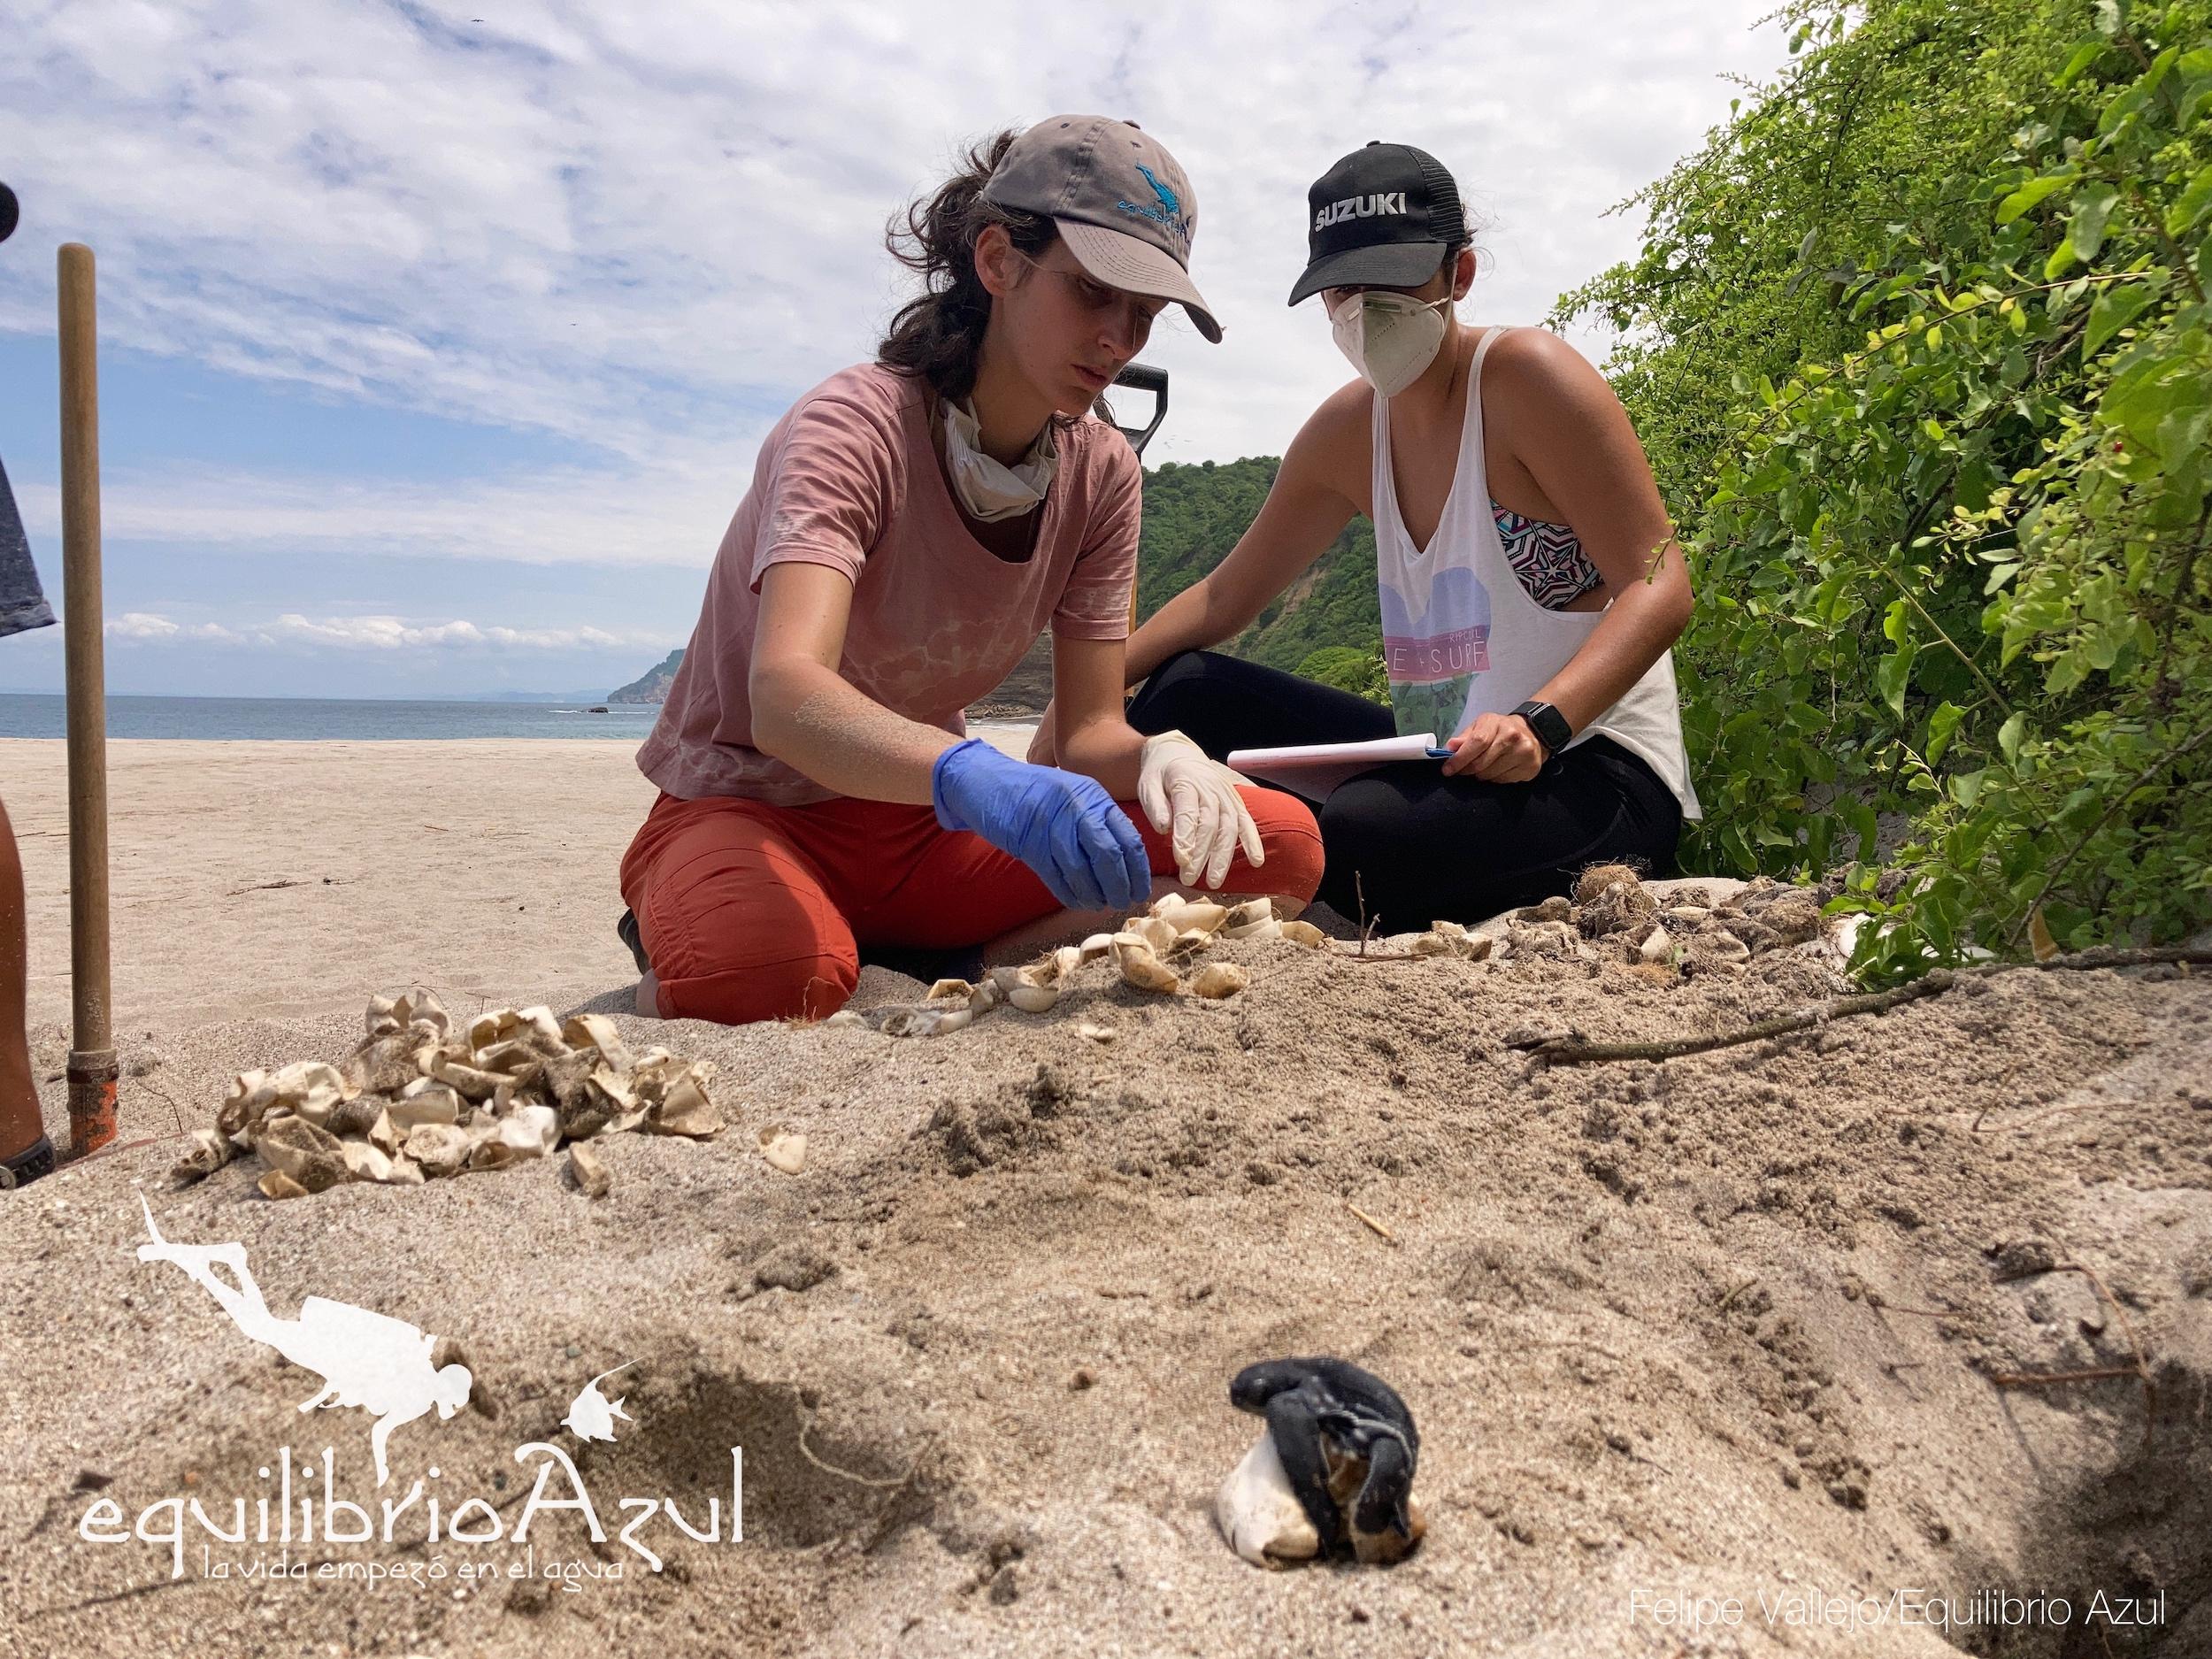 El equipo de Equilibrio Azul analizando algunos nidos de tortugas. Foto: Felipe Vallejo - Equilibrio Azul.